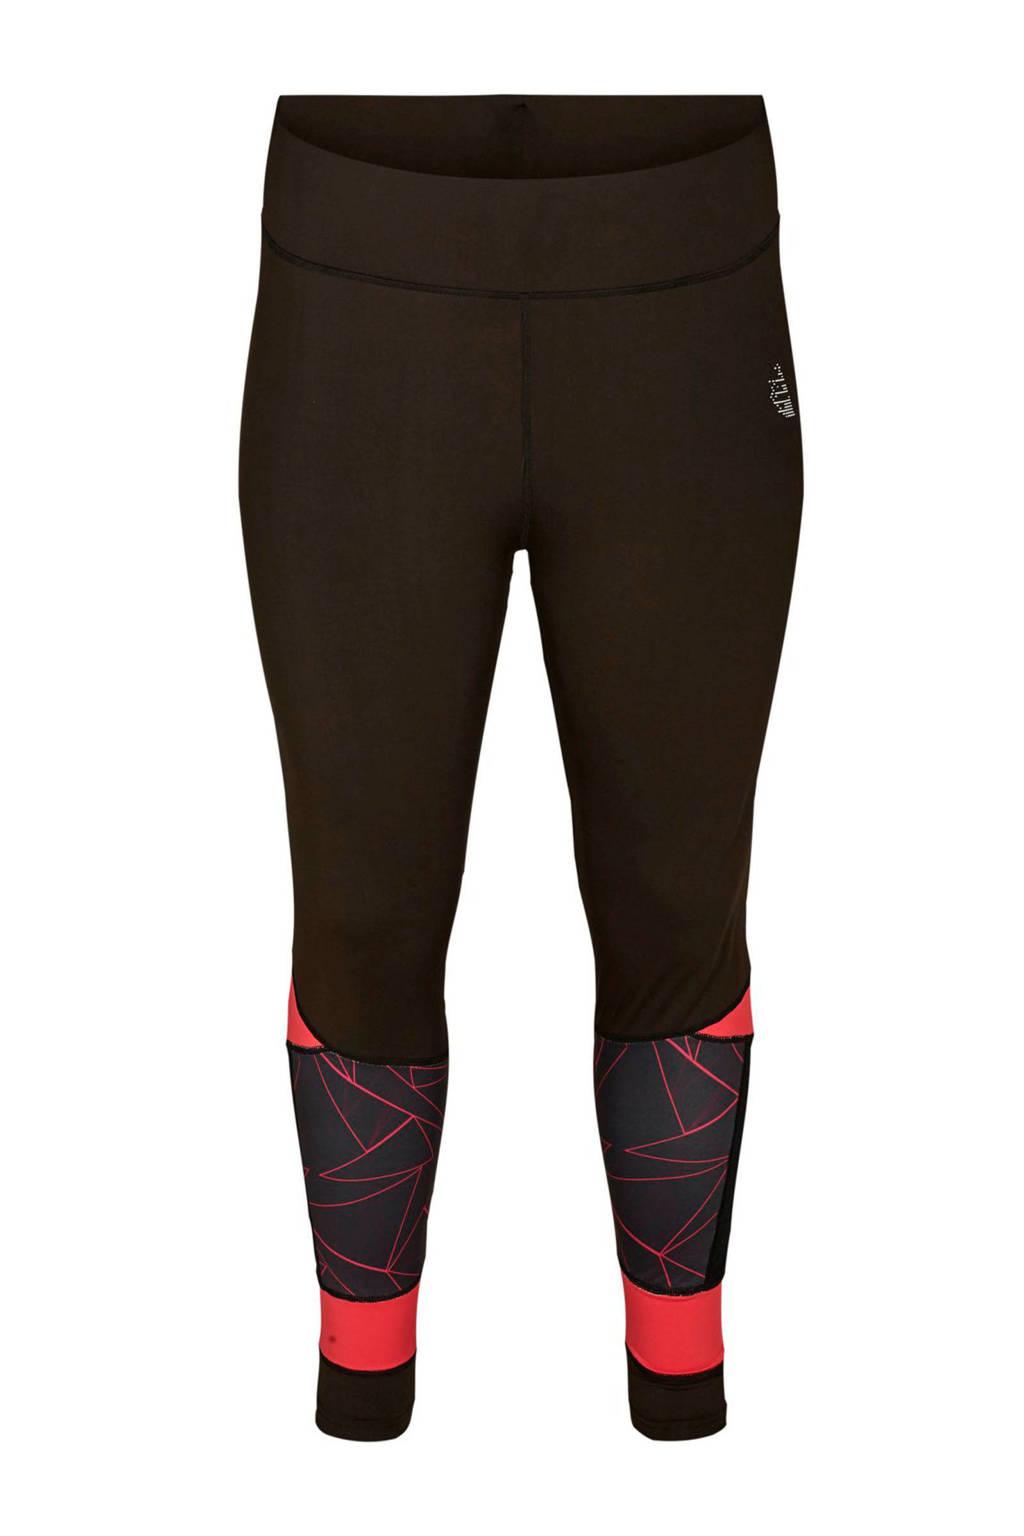 ACTIVE By Zizzi sportbroek zwart/roze, Zwart